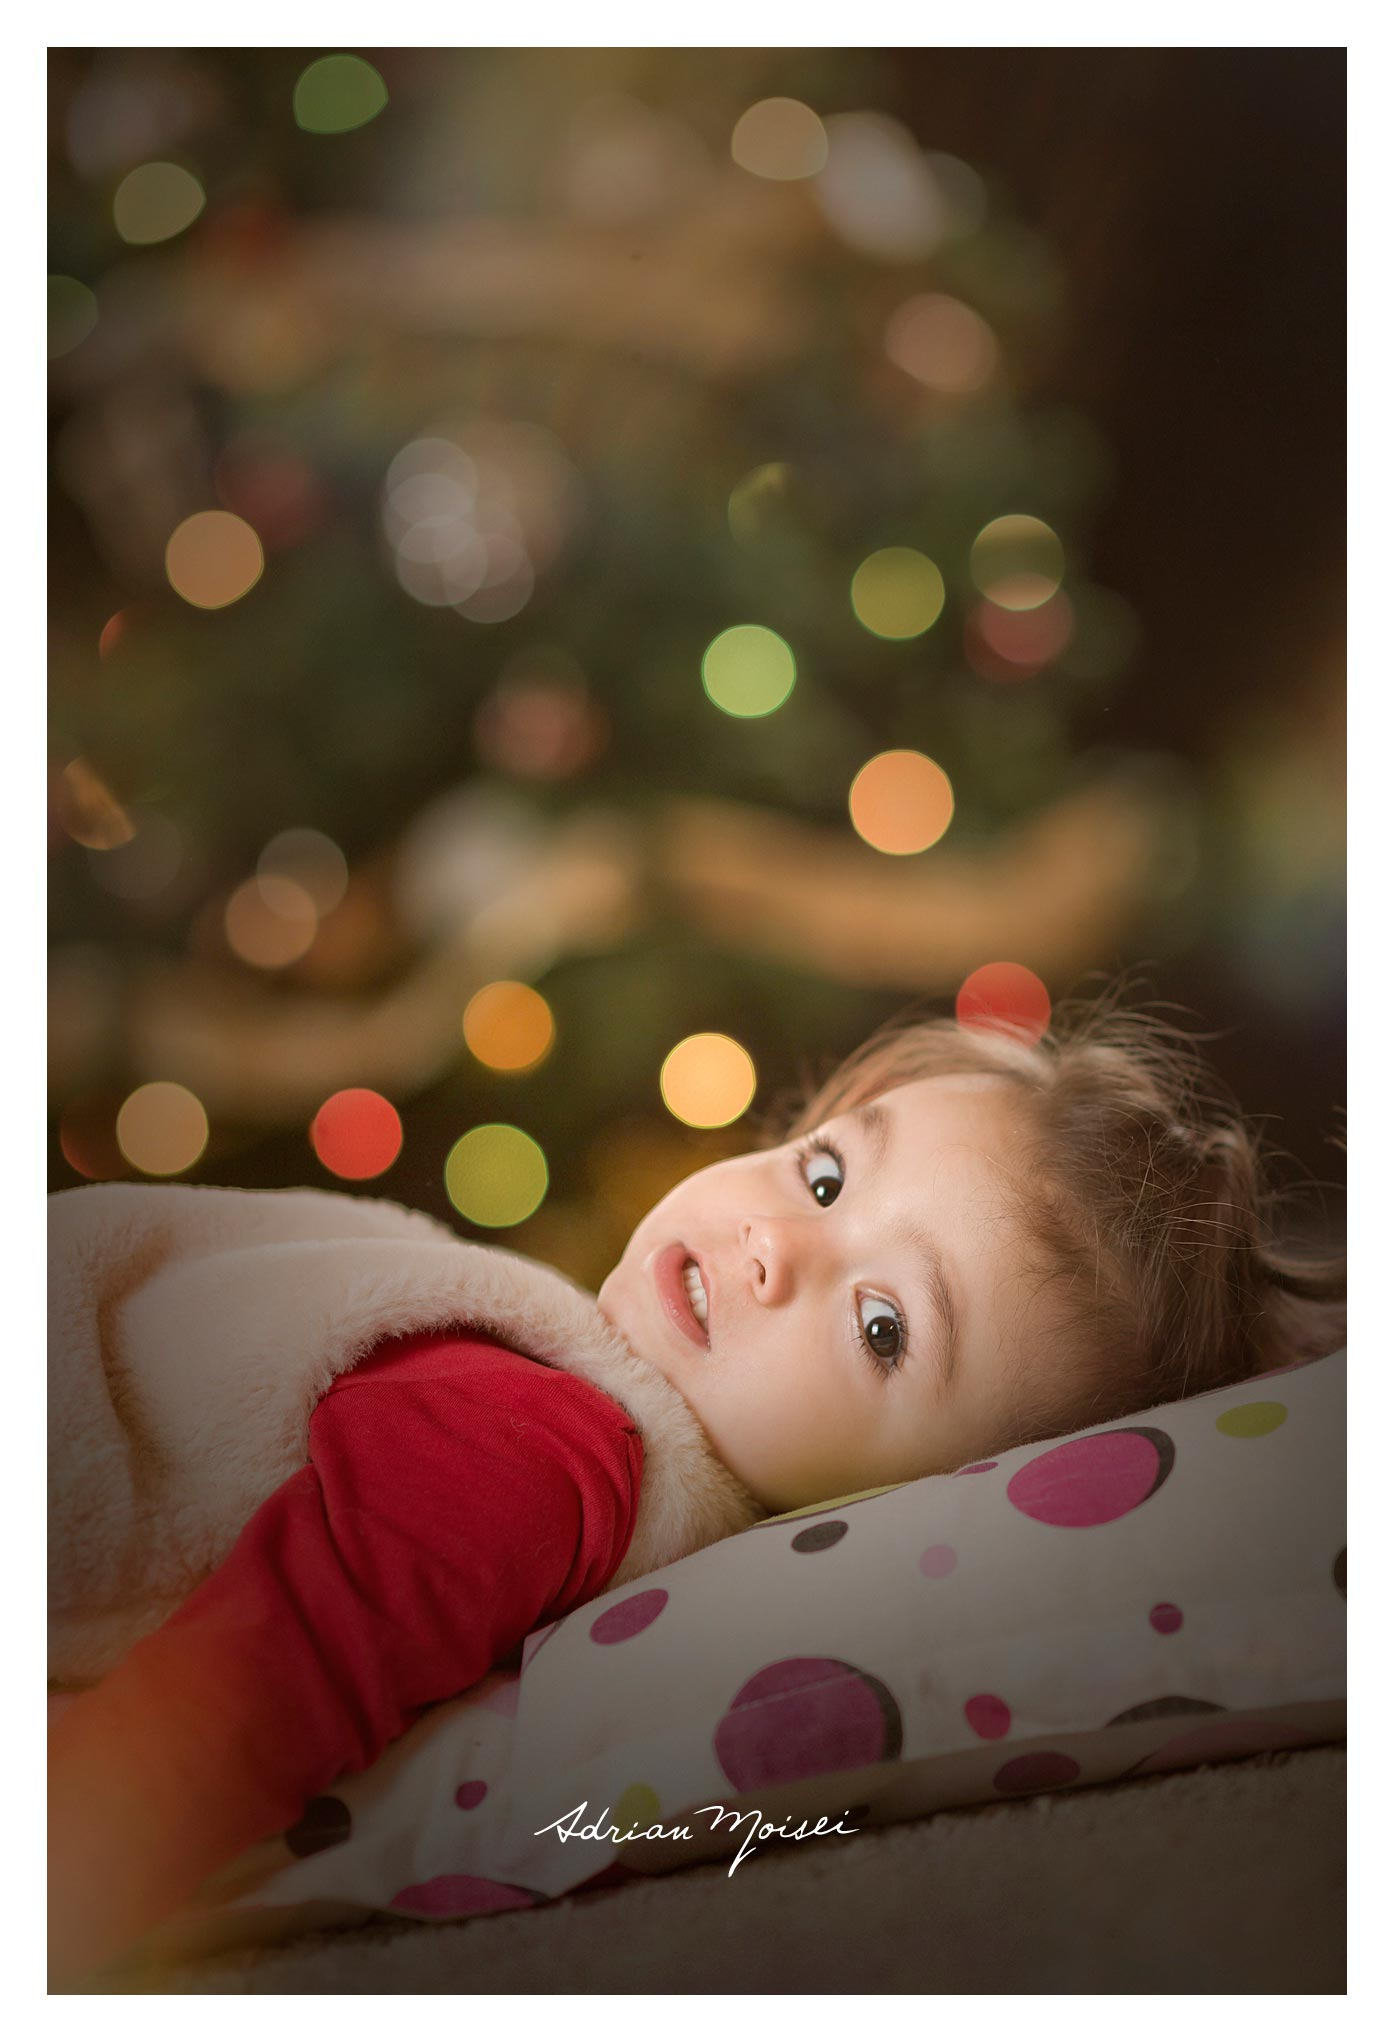 De Crăciun, fotografie de familie, Adrian Moisei.